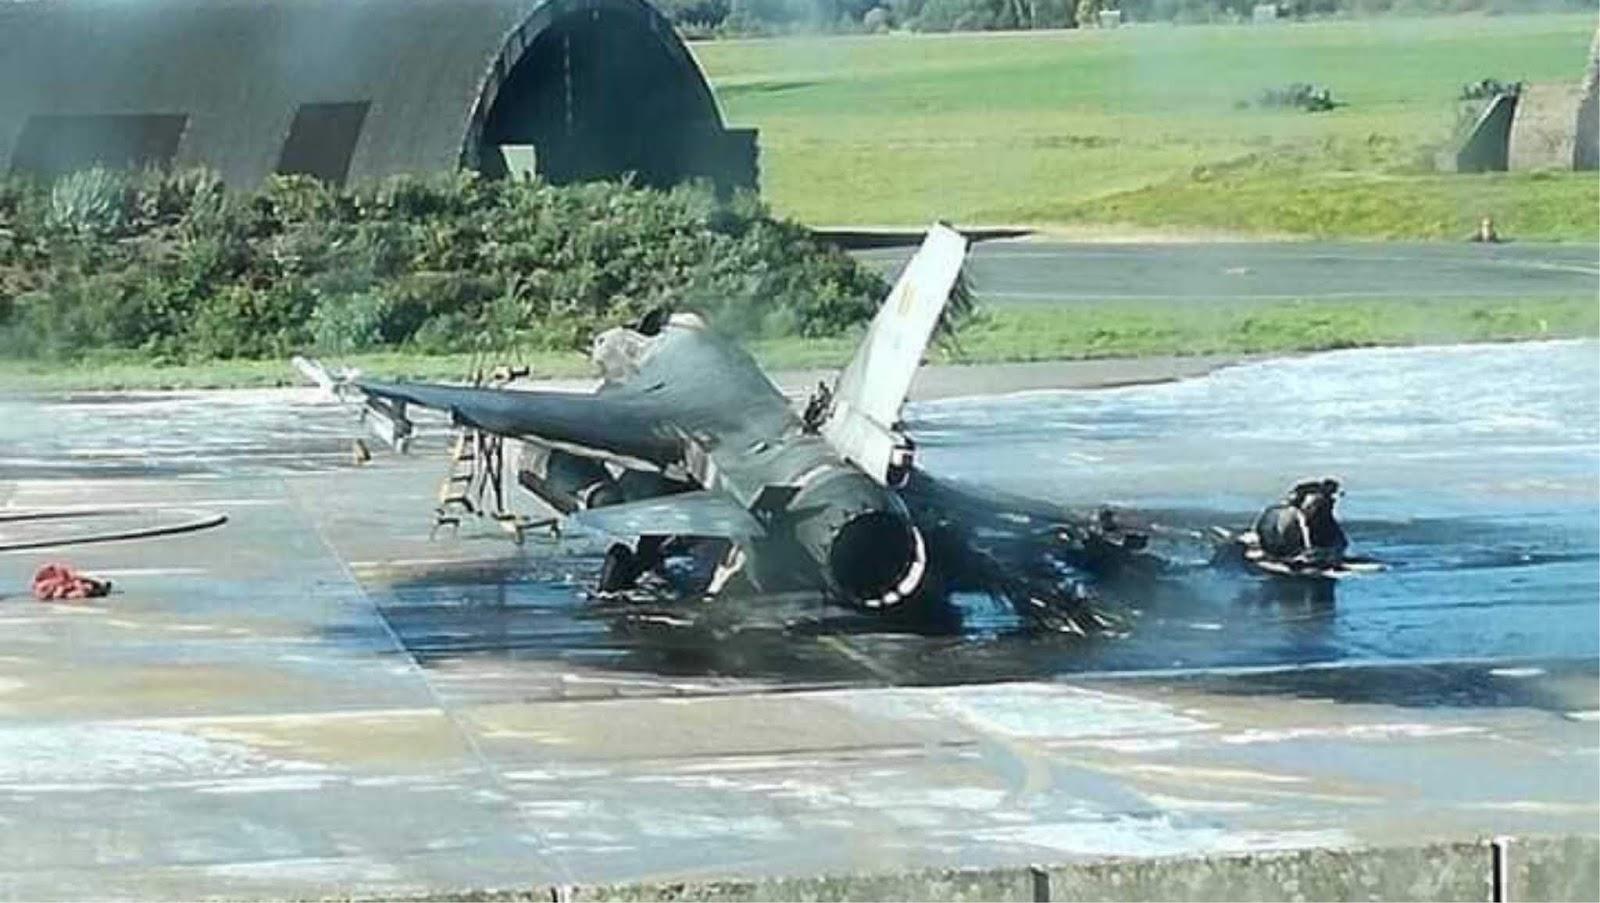 Pesawat F-16 Angkatan Udara Belgia ternyata tidak sengaja di tembak oleh mekanik